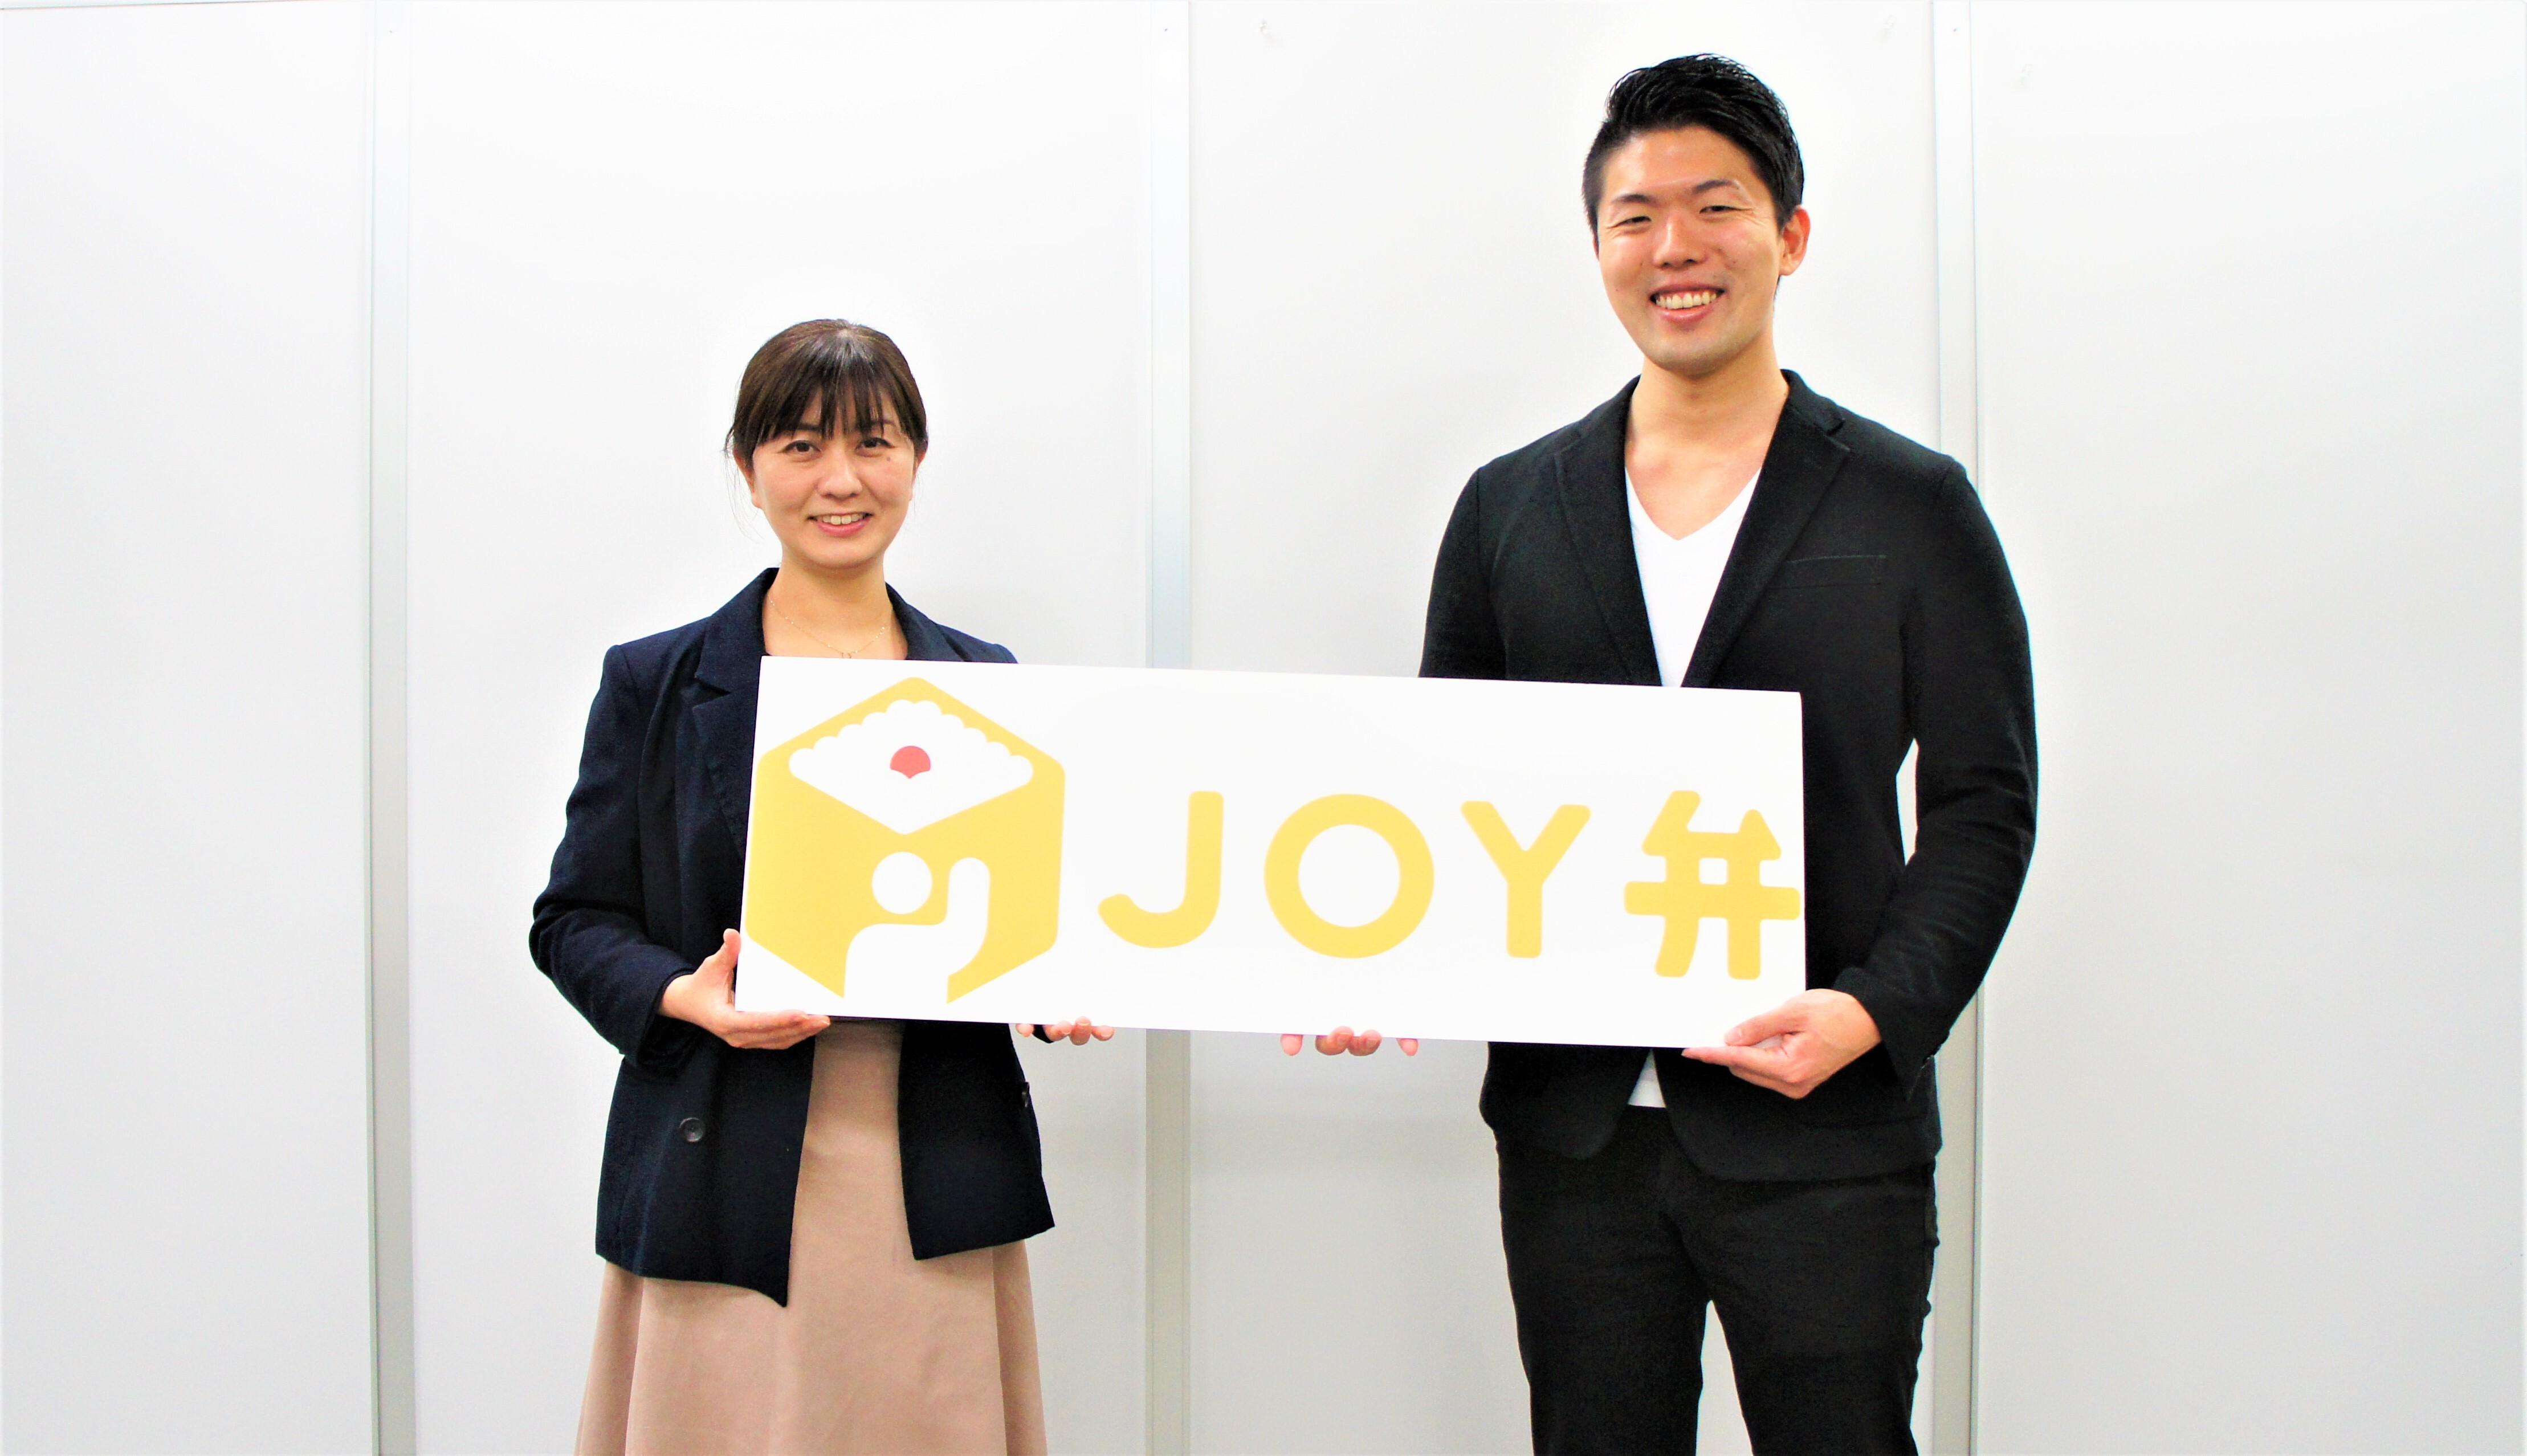 ソーシャルデリバリーを飲食店支援に活用したい地方自治体の募集開始/第一弾は福岡県北九州市と連携、お弁当の「ついで受取」の仕組み活用